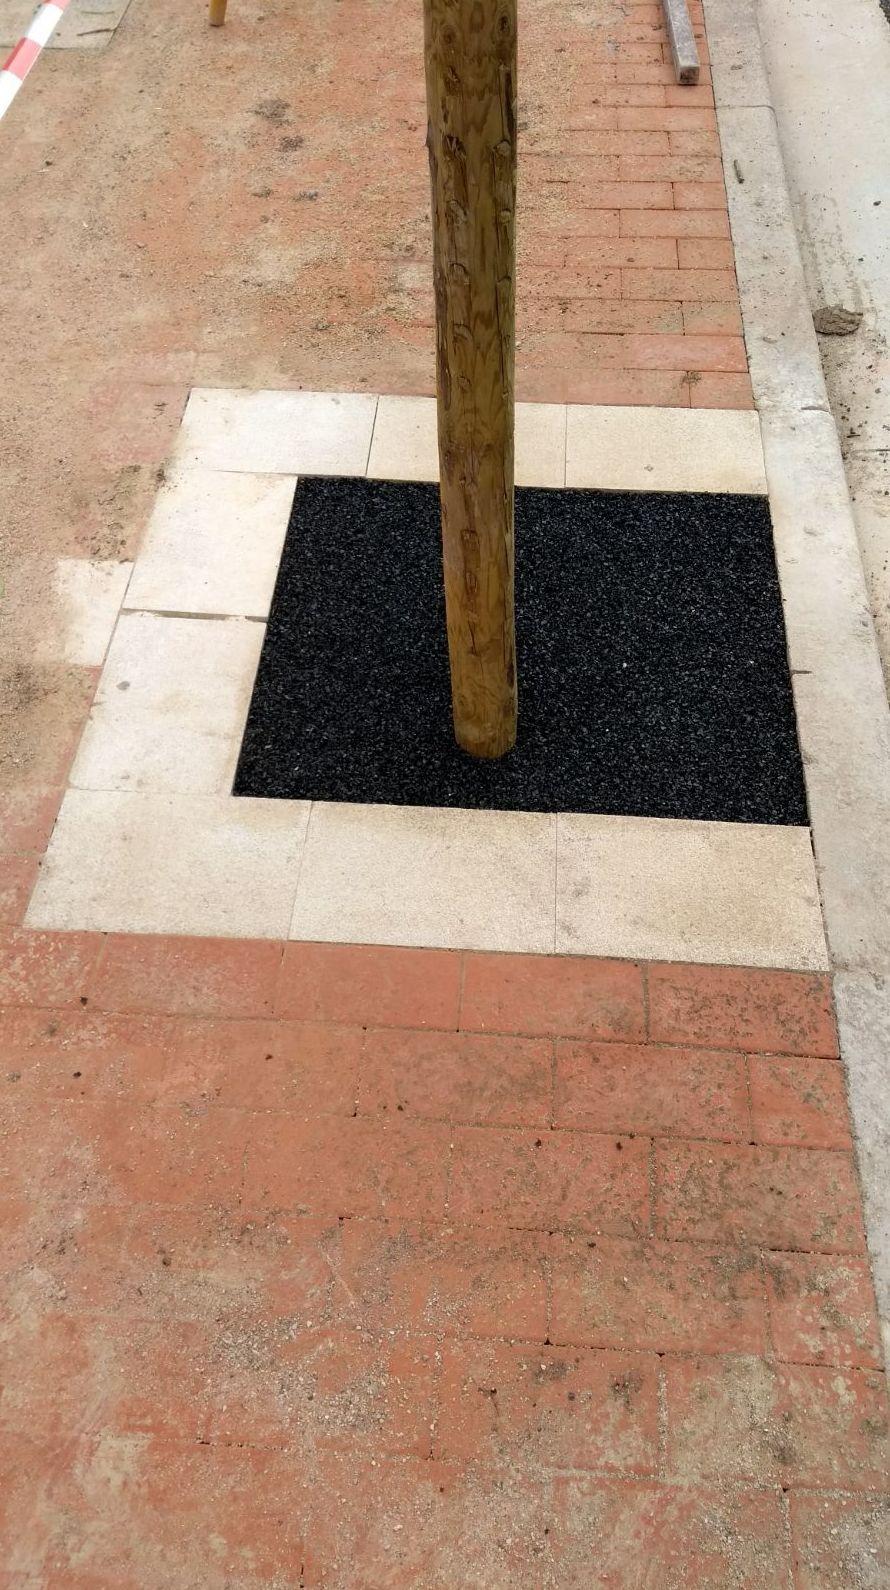 Alcorques en la vía publica Logroño